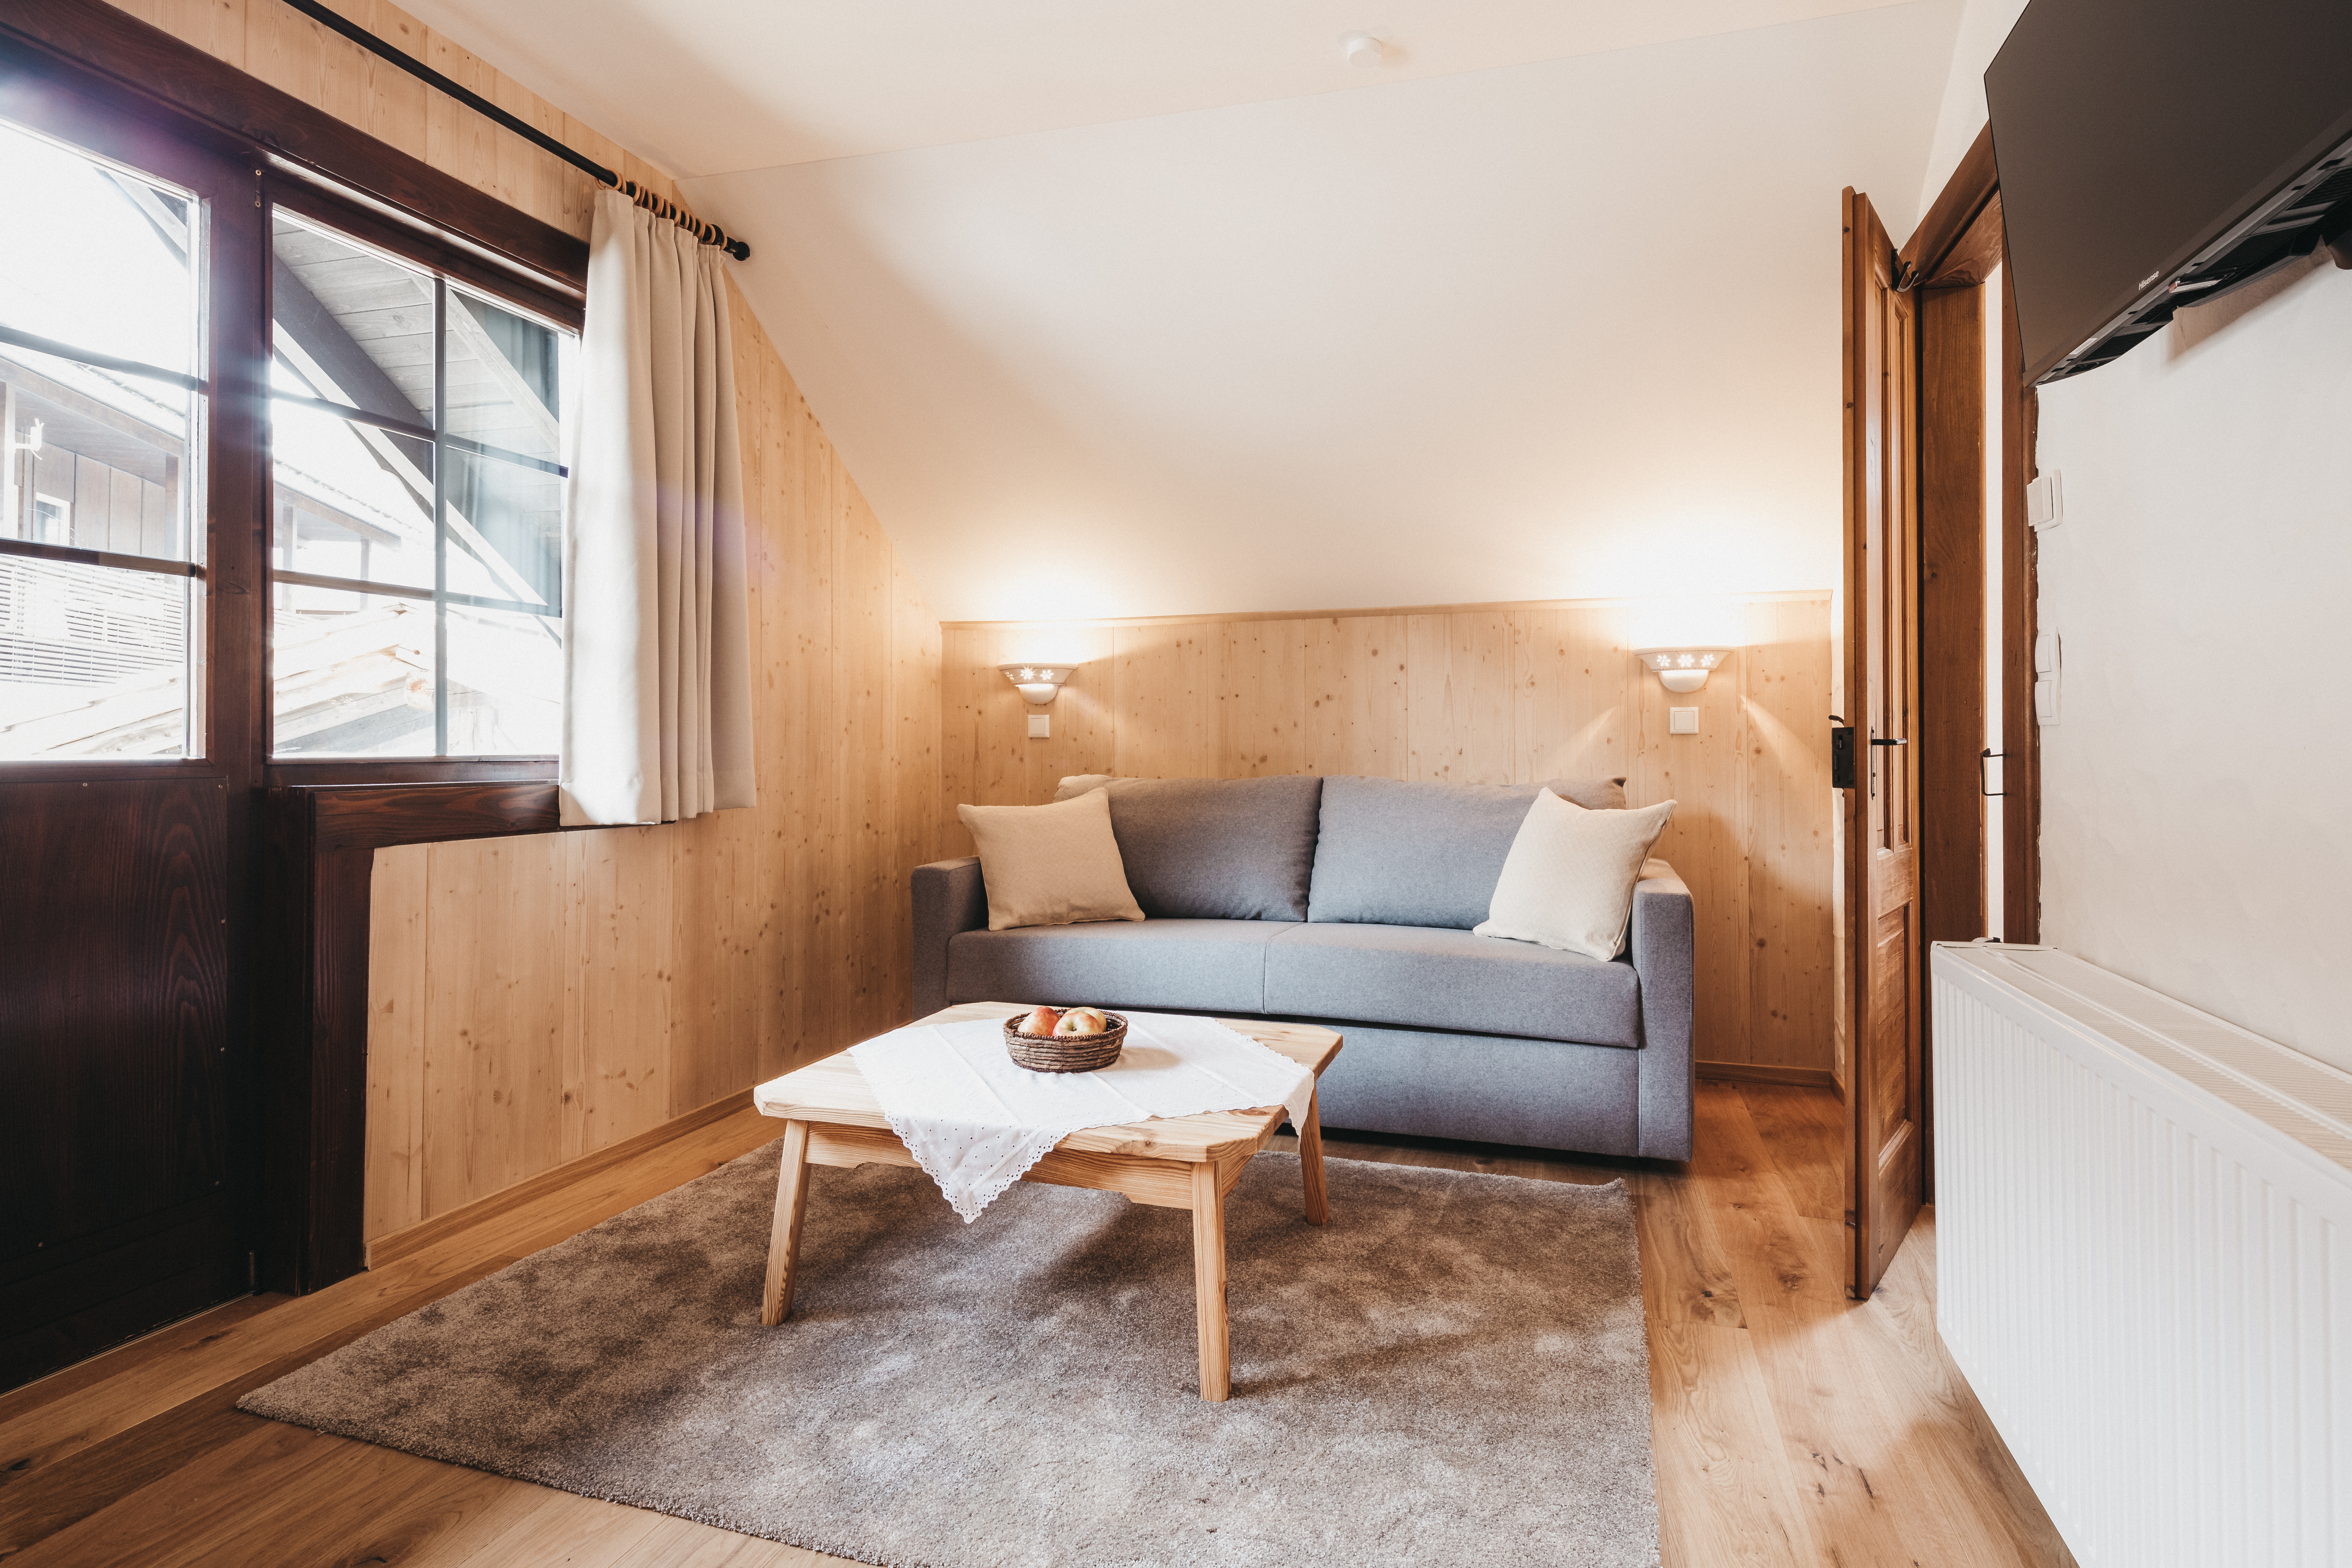 suite_Federleicht_Wohnzimmer_Sofa